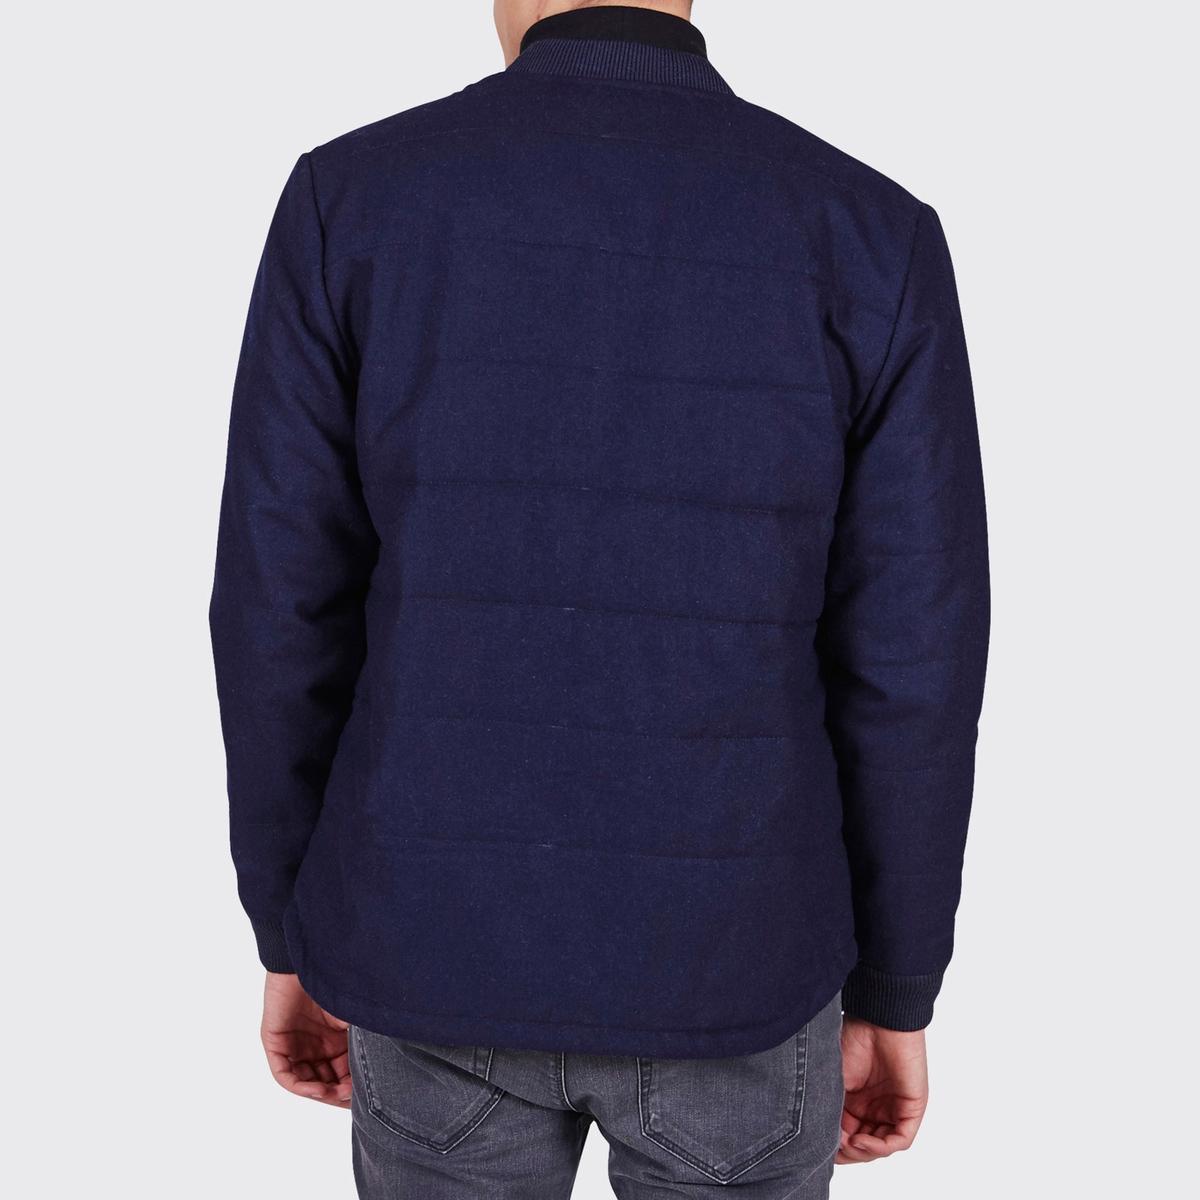 Блузон на молнии Teddy ThemisБлузон с длинными рукавами THEMIS - MINIMUM. Прямой покрой, застежка на молнию спереди. На манжетах вязка в рубчик. Прямой простеганый низ. Карманы по бокам.Состав и описание :Материал : 100% полиэстераМарка : MINIMUM<br><br>Цвет: темно-синий<br>Размер: M